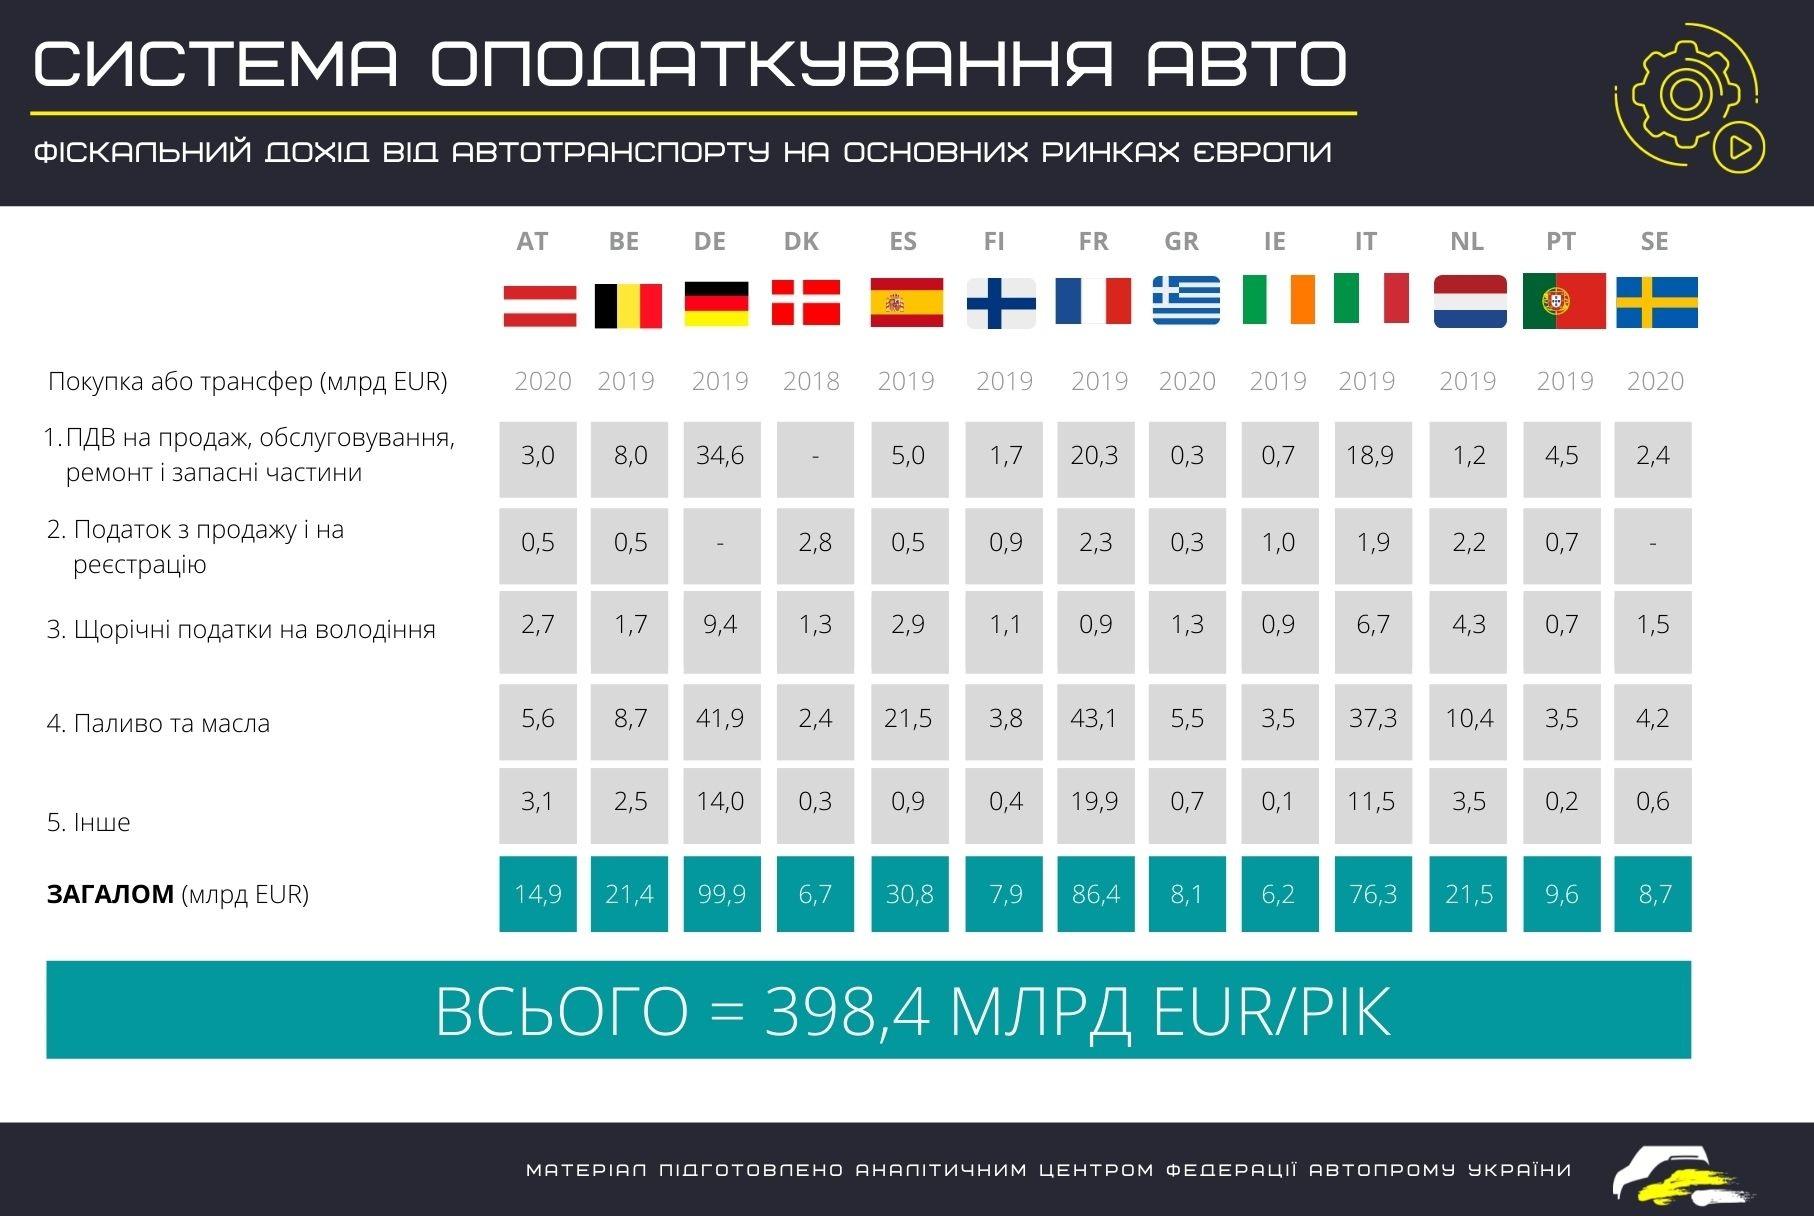 система автомобілів оподаткування у світі